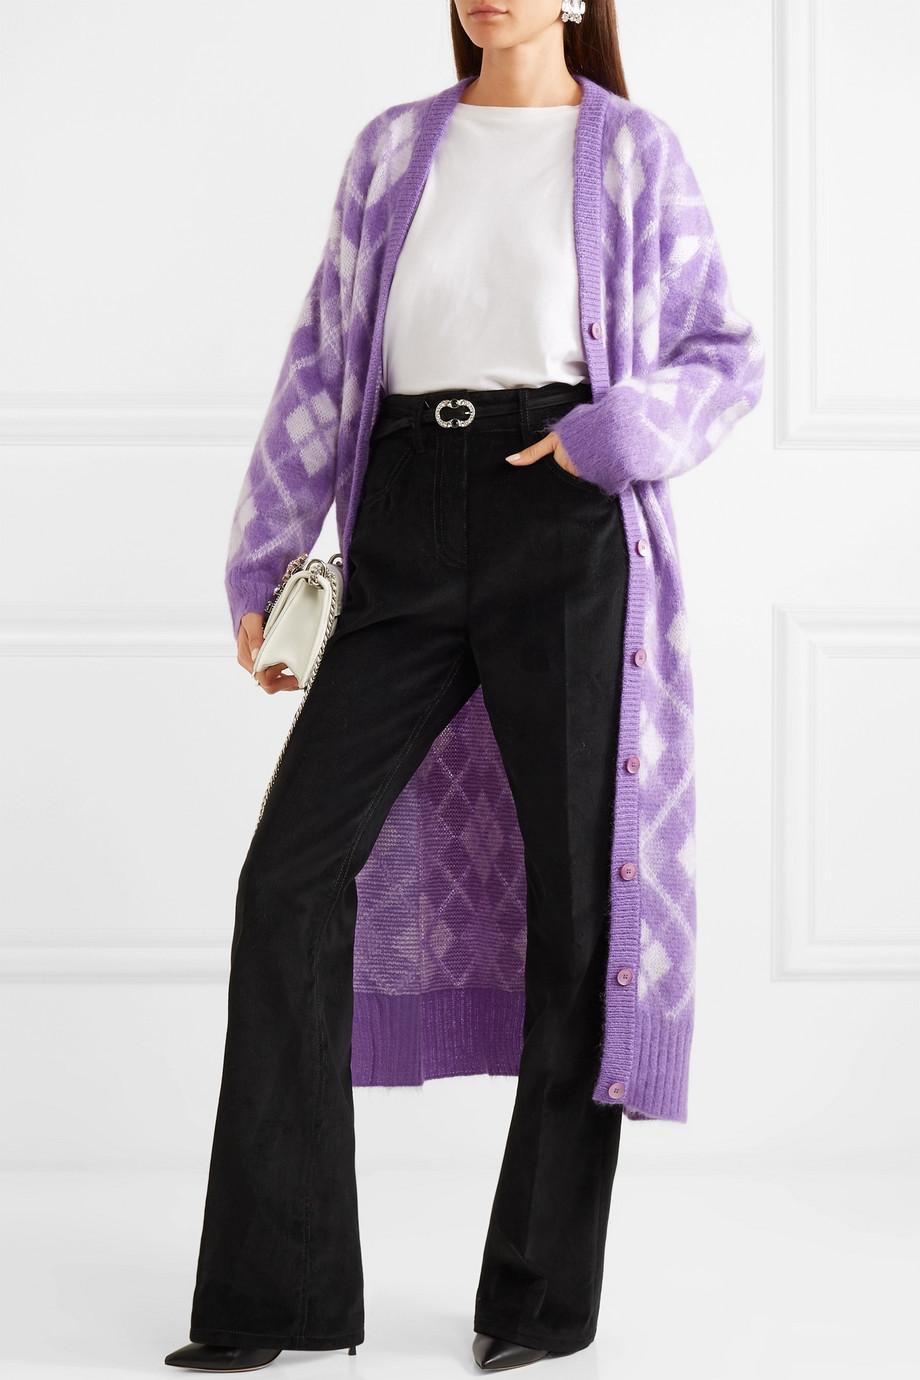 Miu Miu Oversized argyle mohair-blend cardigan $1,960